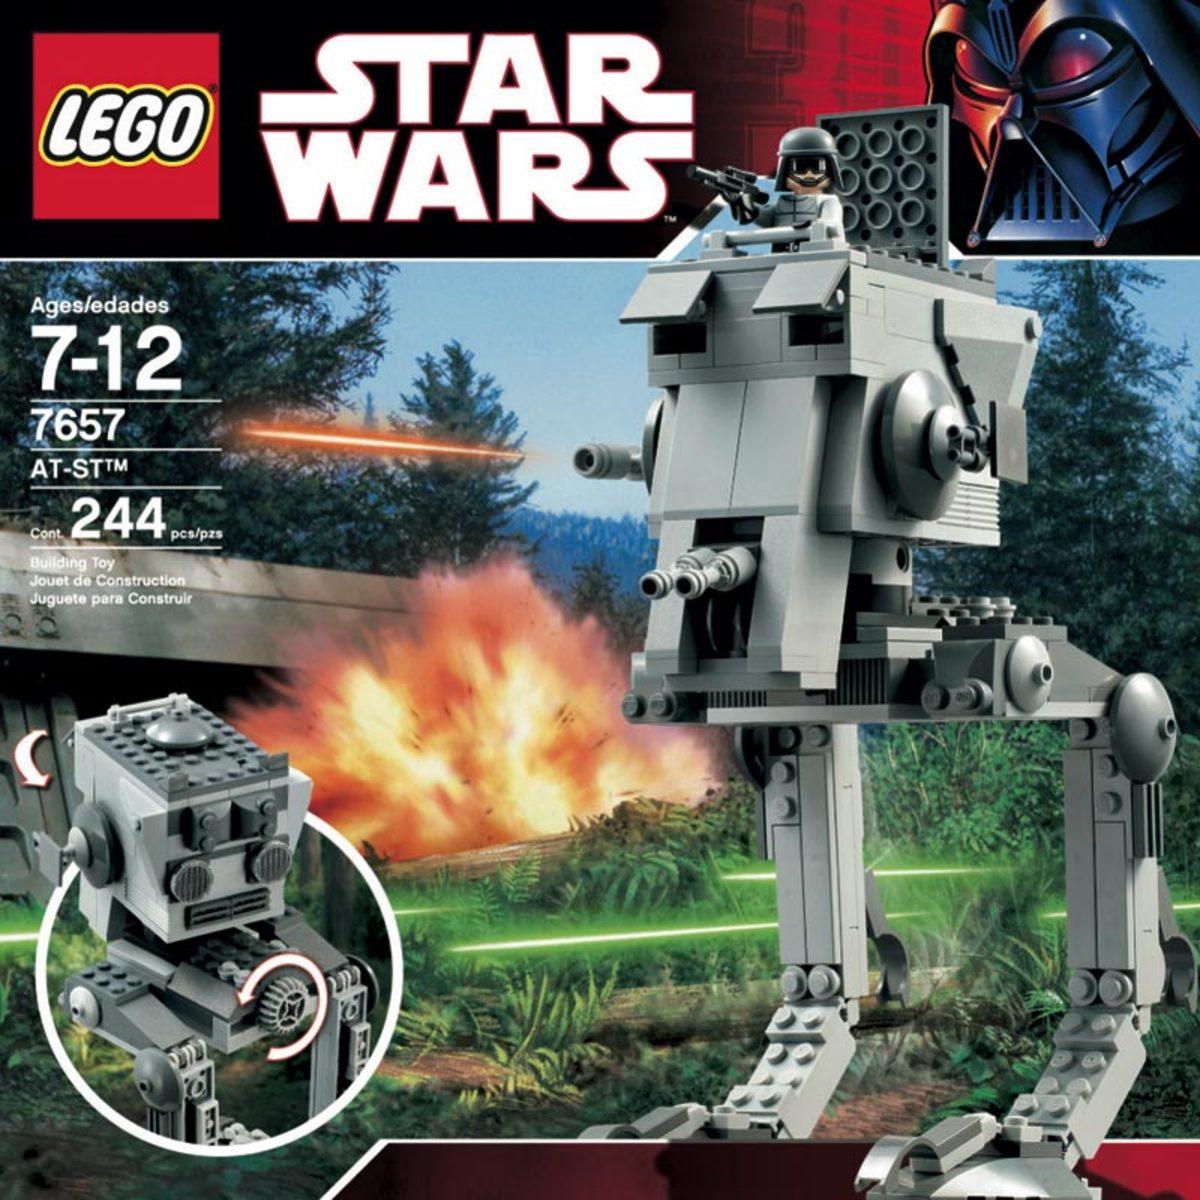 LEGO Star Wars 2007